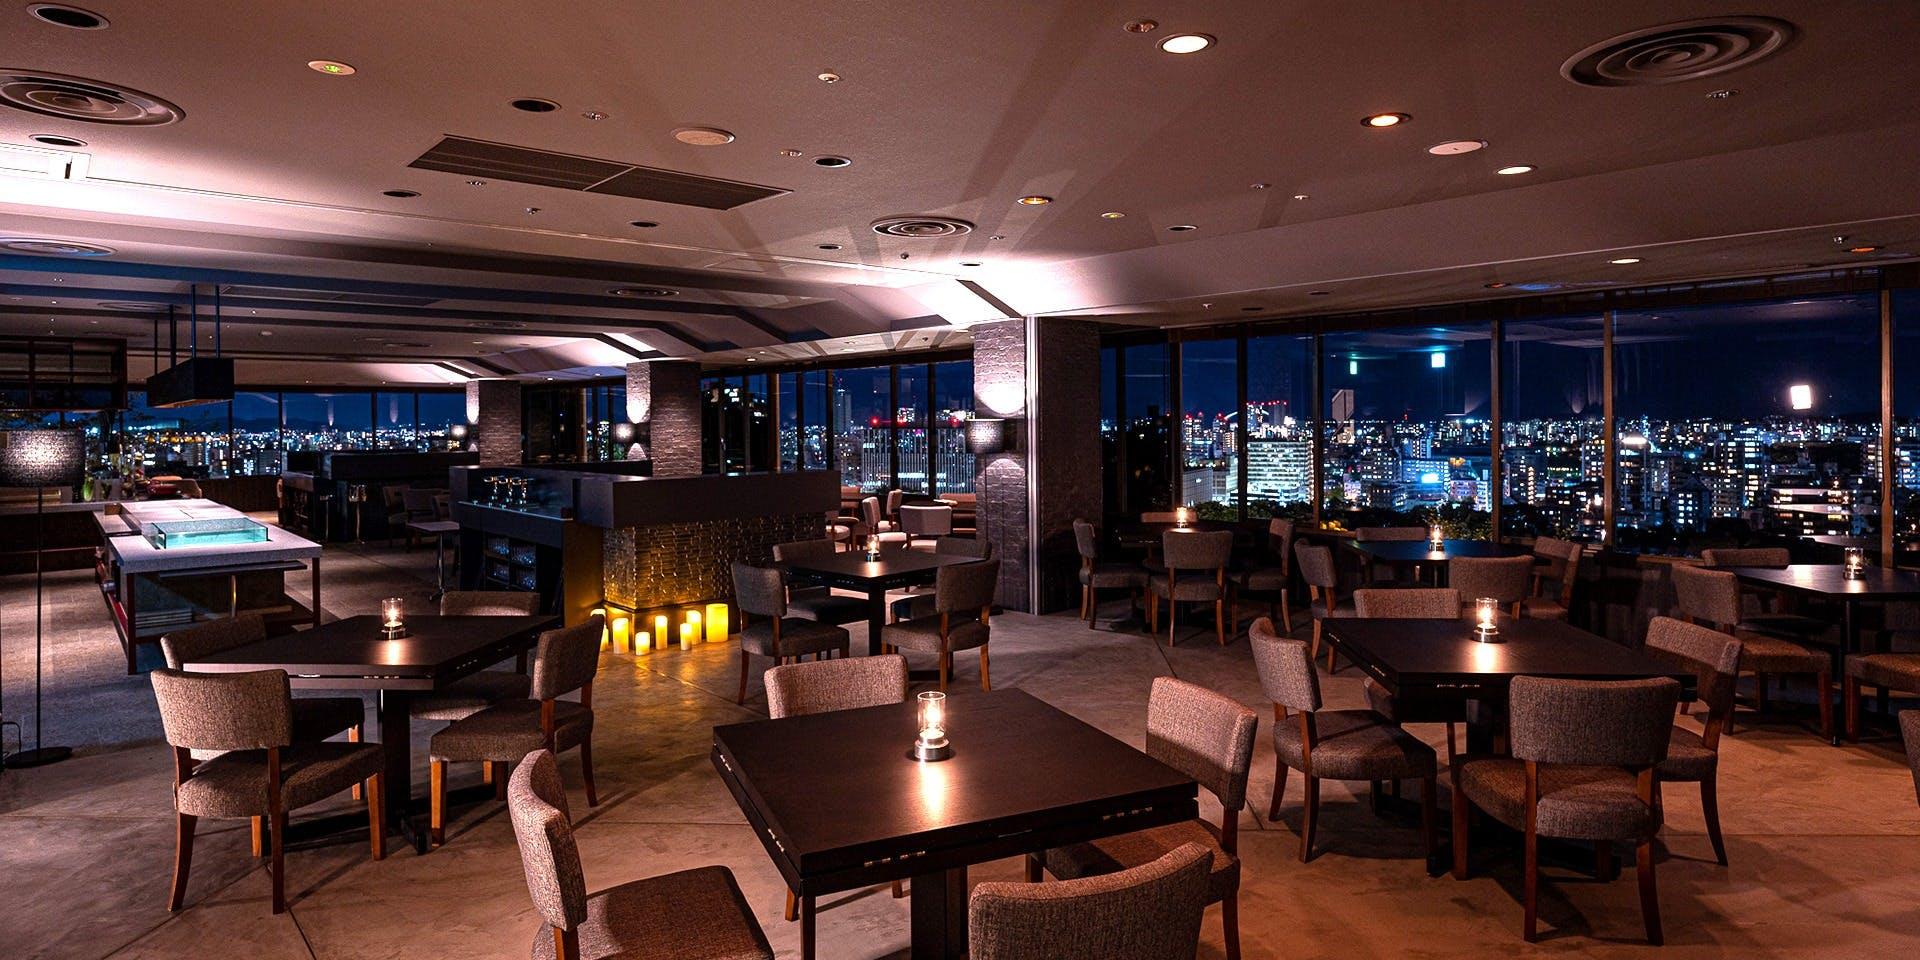 記念日におすすめのレストラン・メインダイニング カバーナ/アゴーラ福岡山の上ホテル&スパの写真1